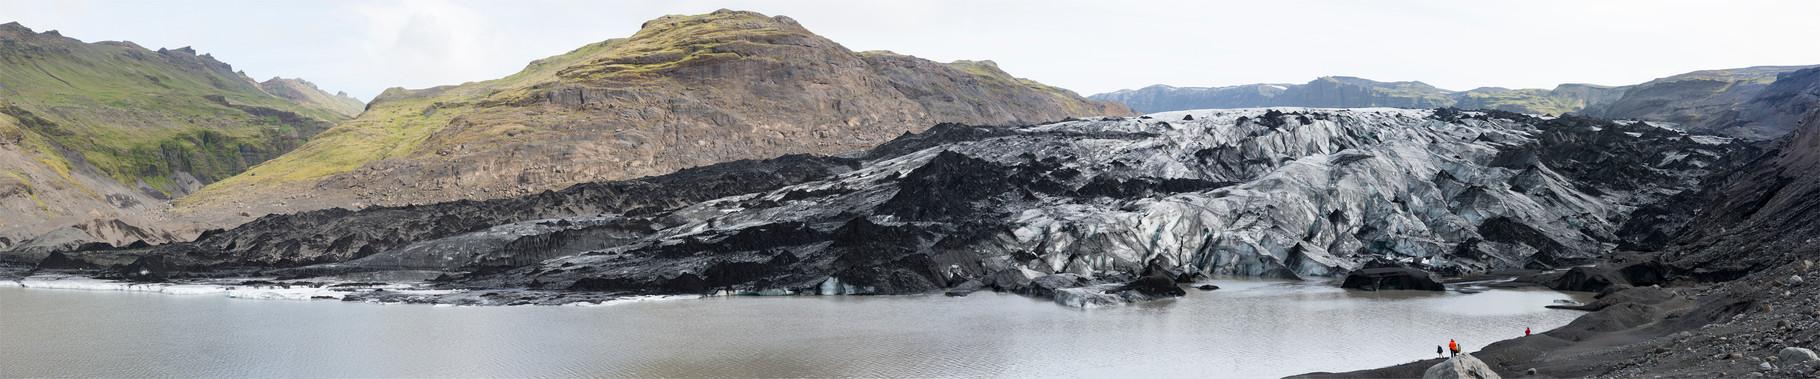 Sólheimajökull 2